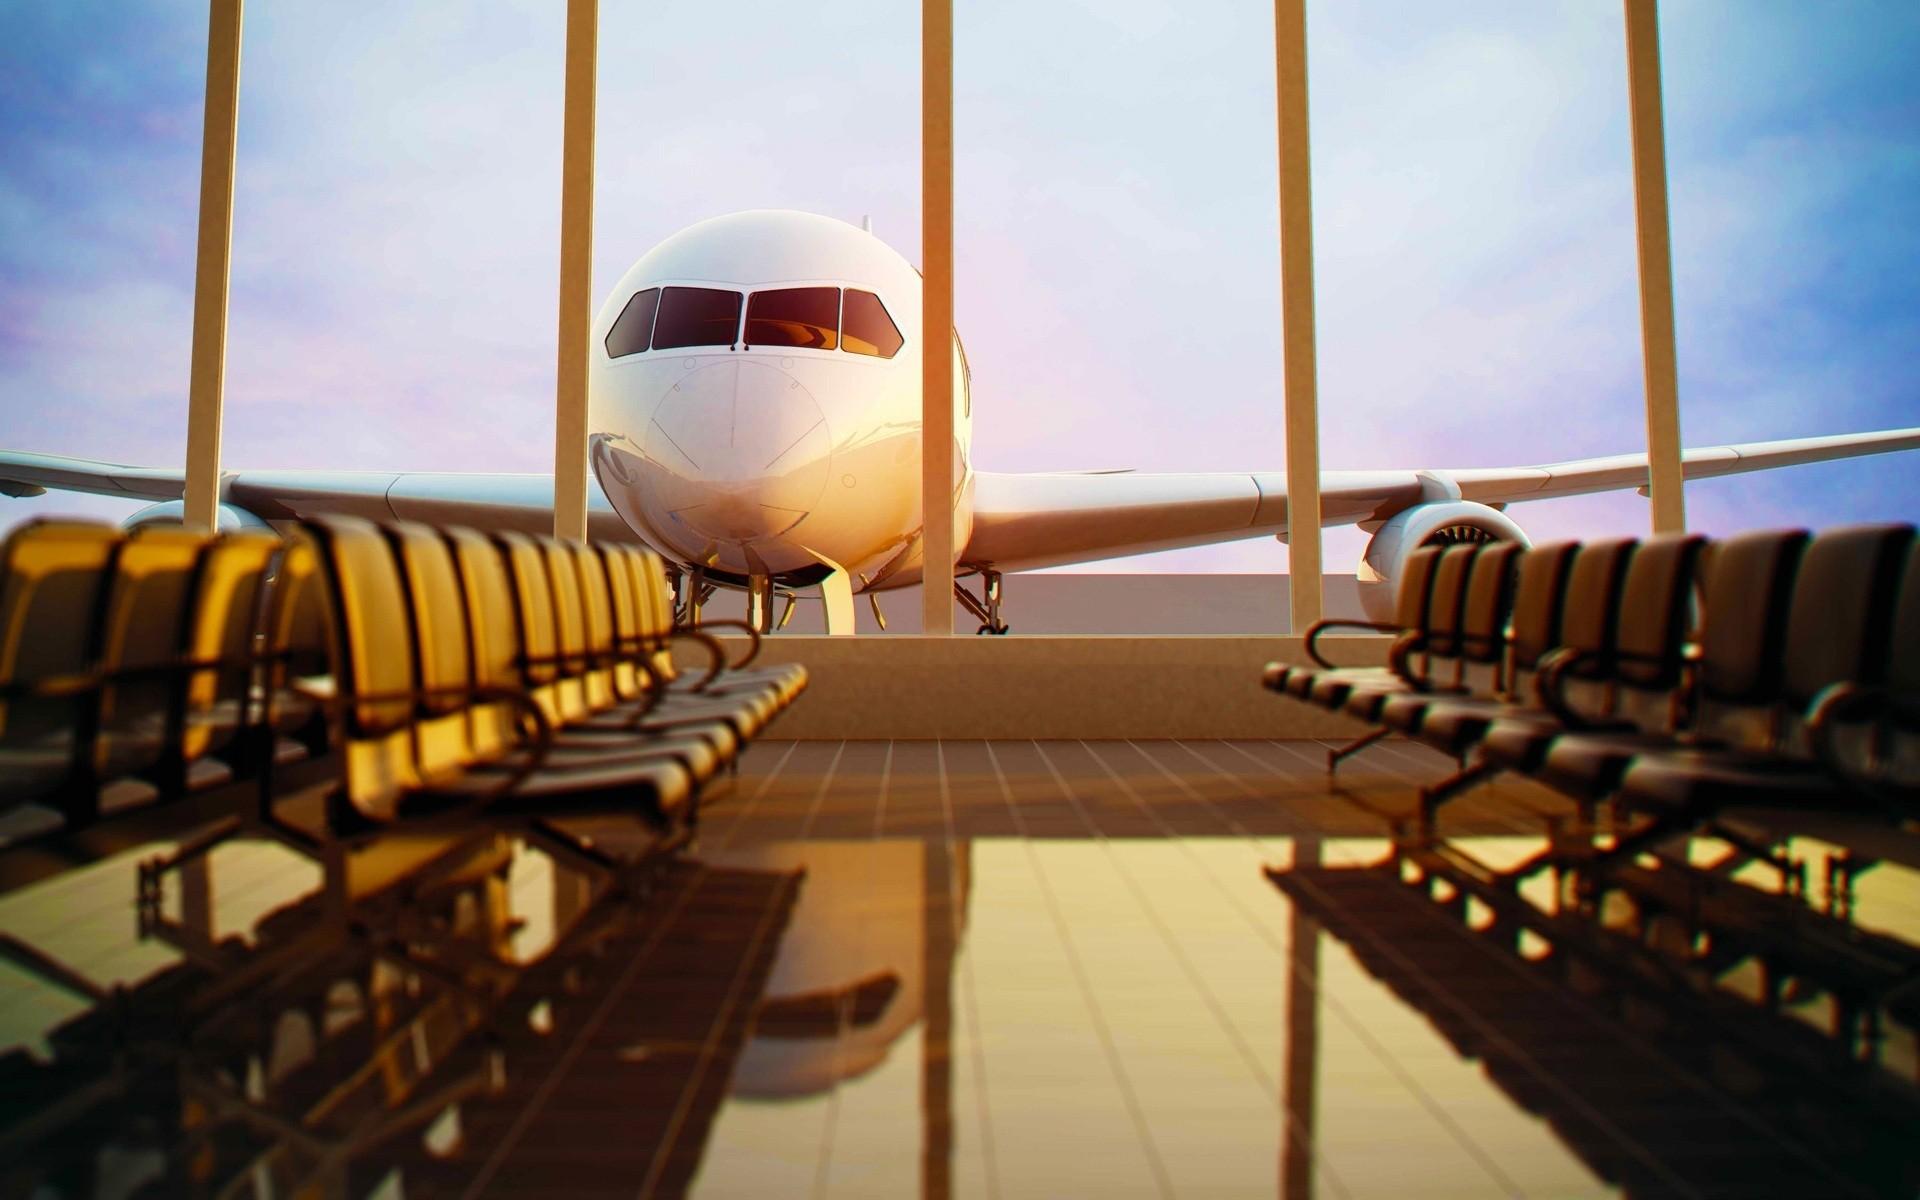 Спецпредложения на авиабилеты из Москвы дешево, акции и